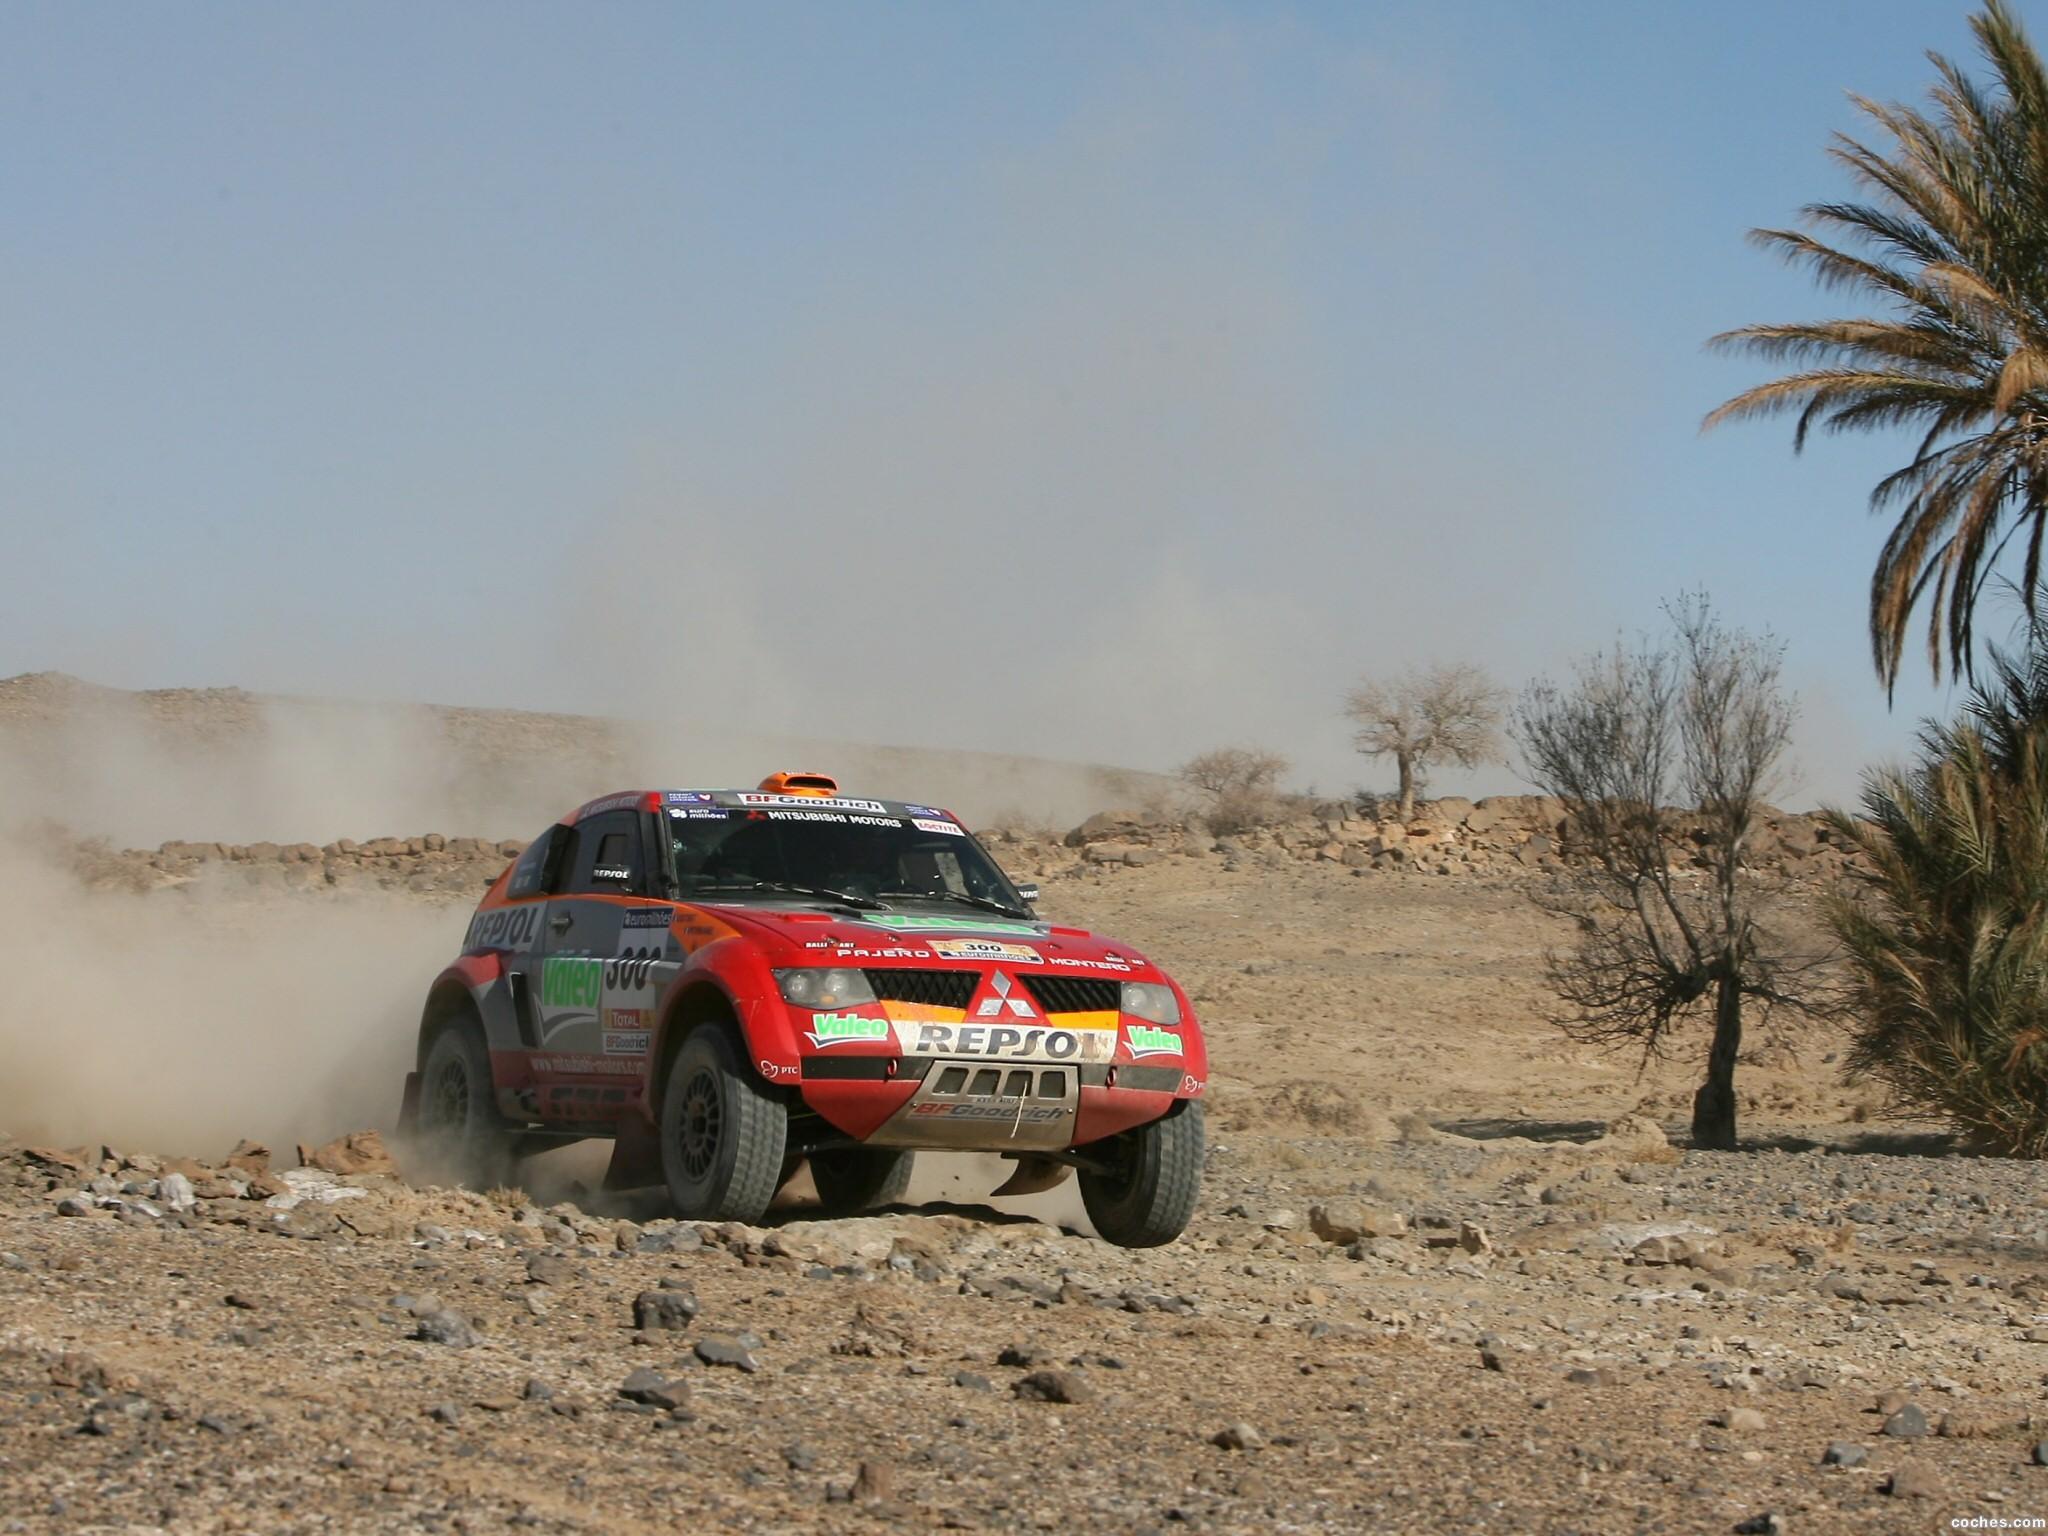 Foto 7 de Mitsubishi Pajero Dakar 2006